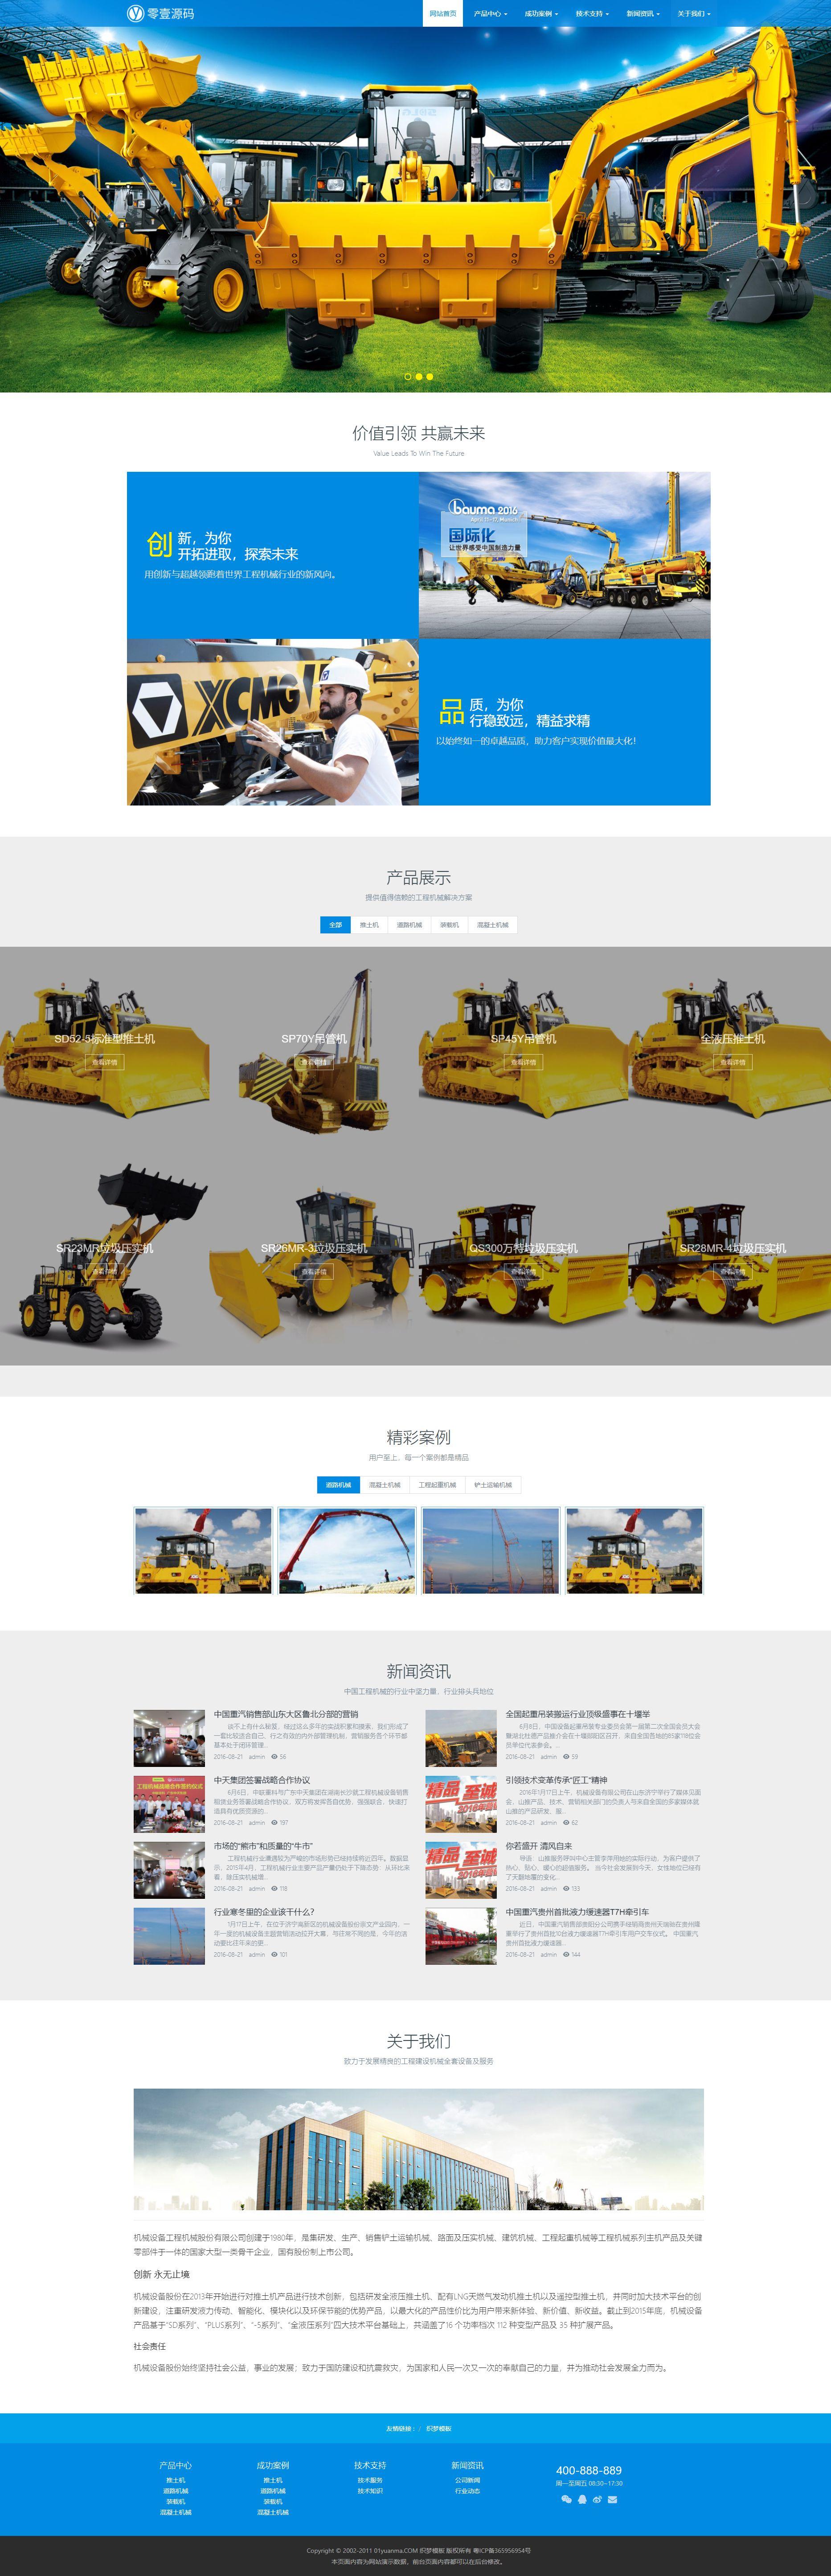 高端响应式工程机械设备公司网站织梦dedecms模板(自适应手机)+利于SEO优化